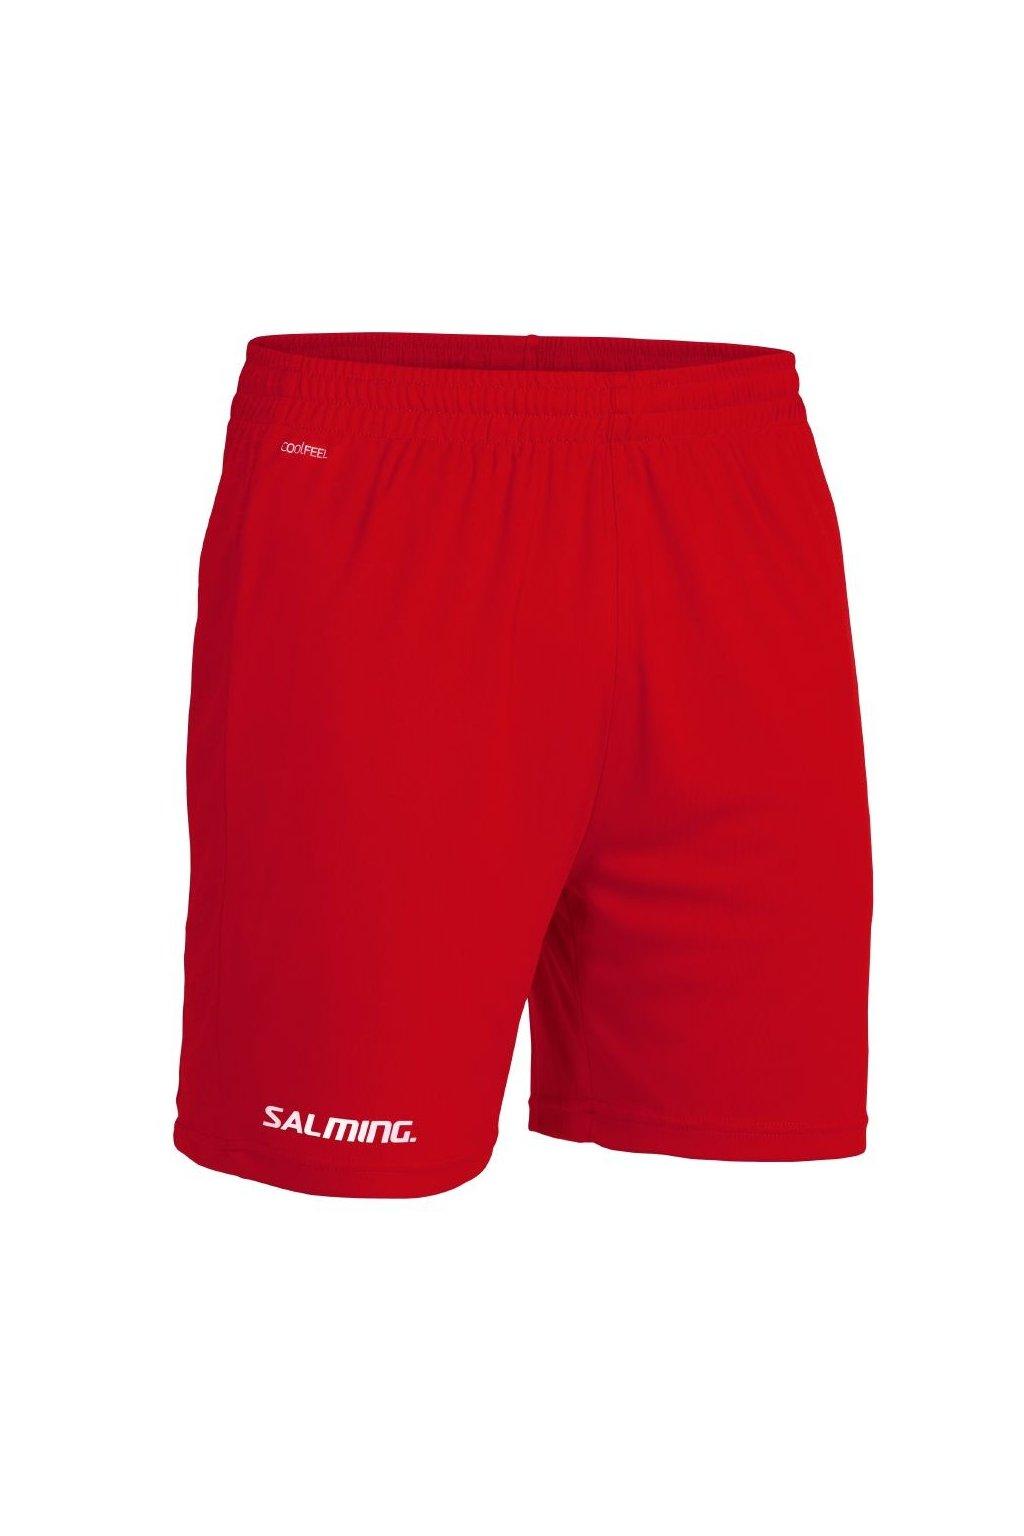 salming granite game shorts men (1)